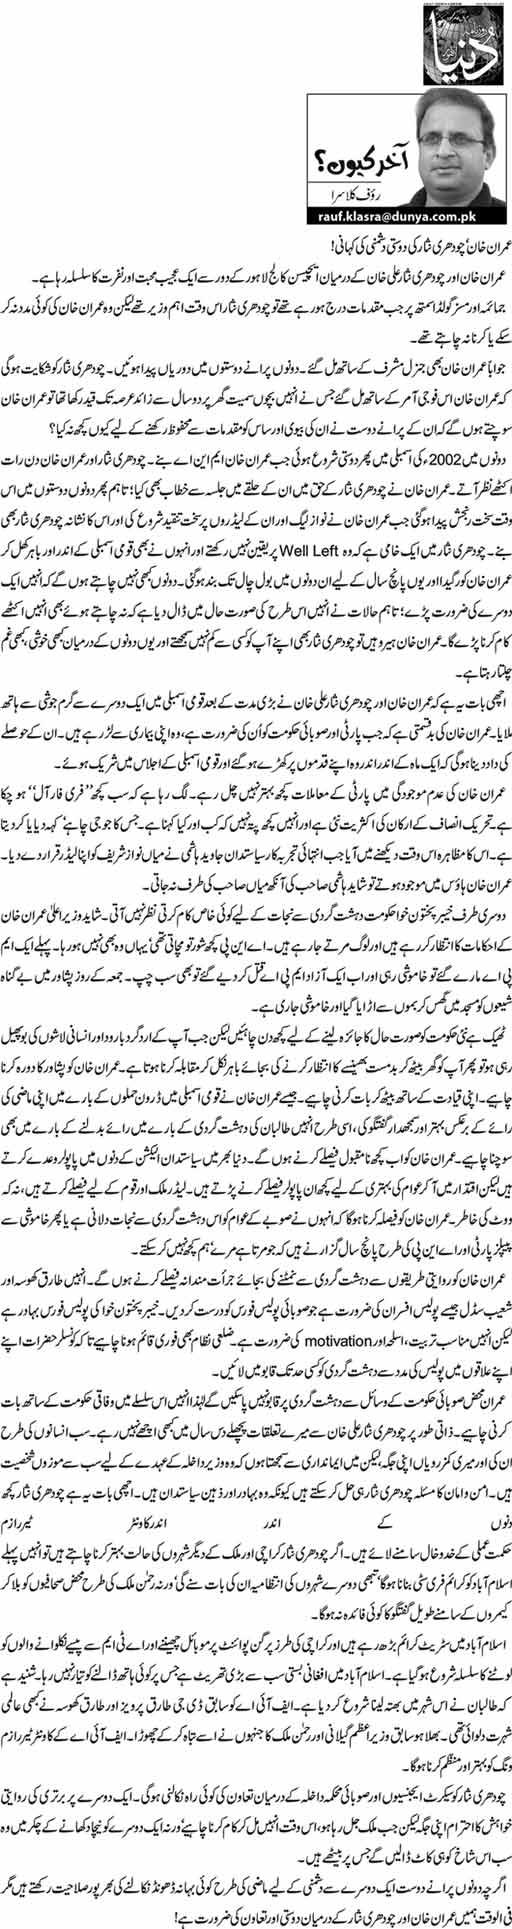 Imran Khan'Chaudhry Nisar Ki Dosti Dushmani Ki Kahani! - Rauf Klasra